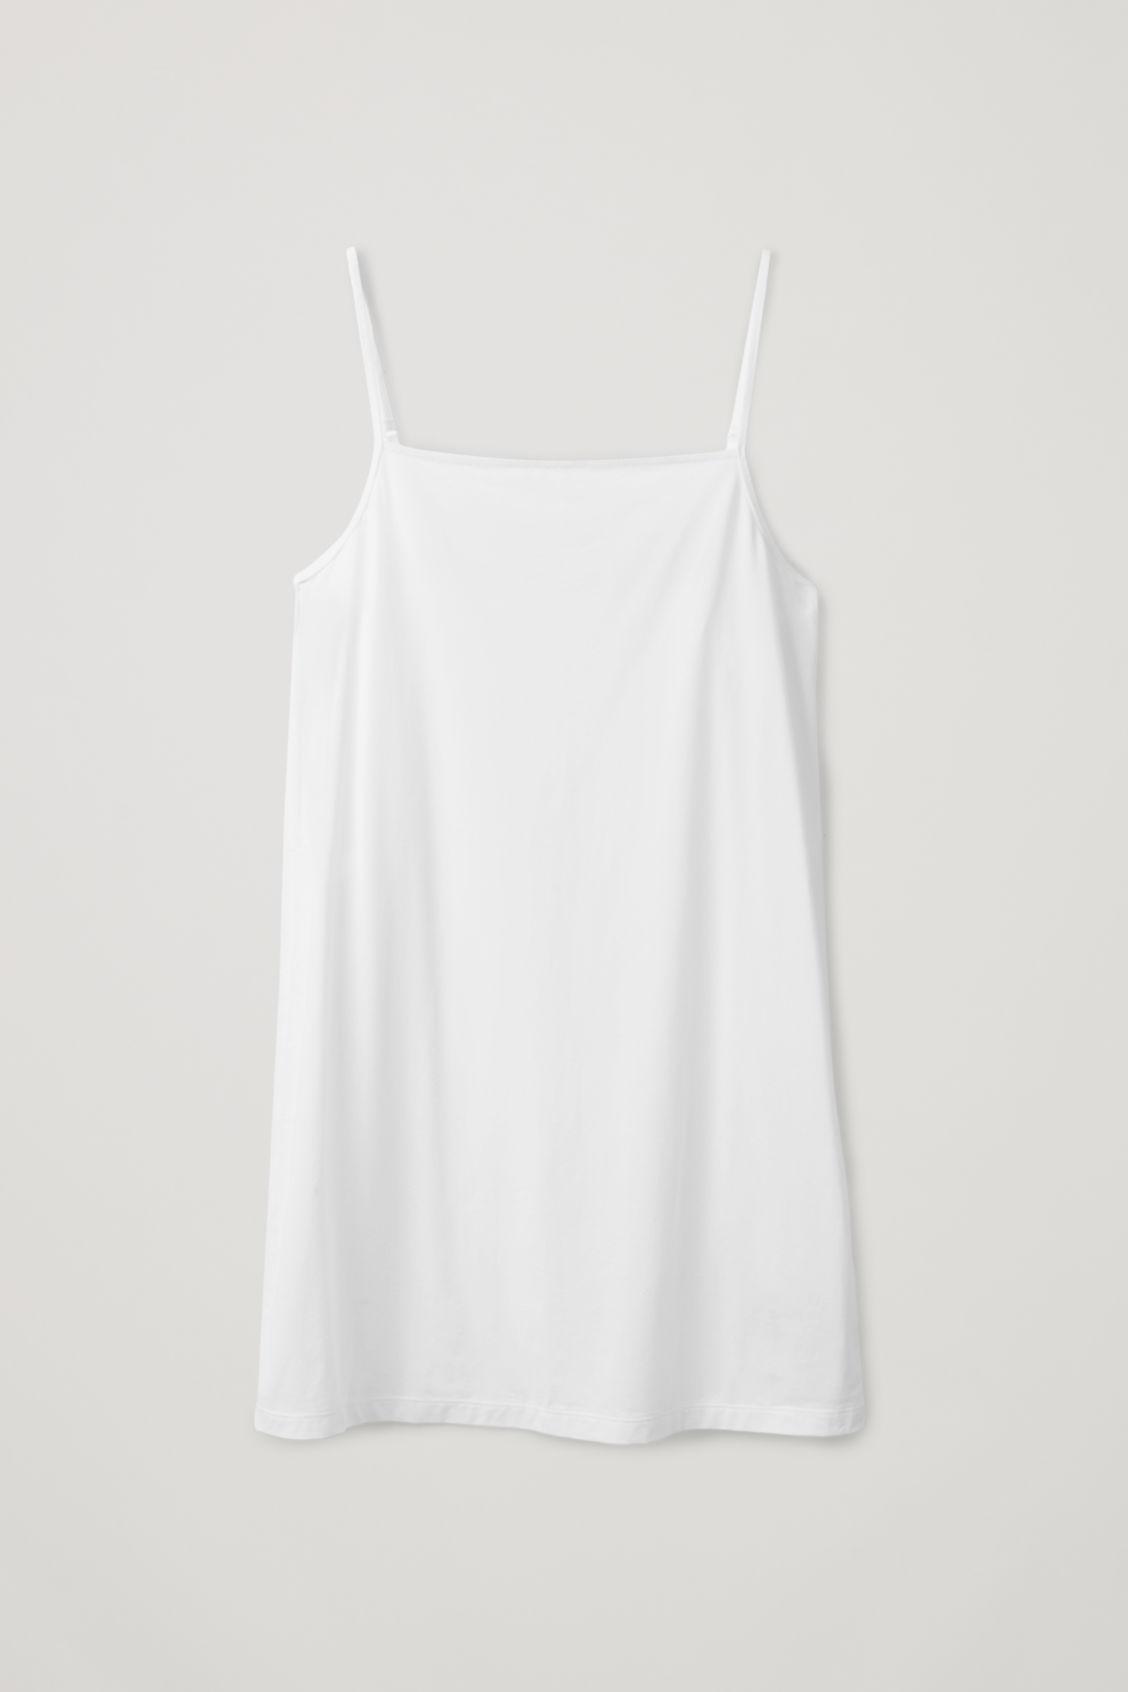 Cos Light Cotton Slip Dress In White